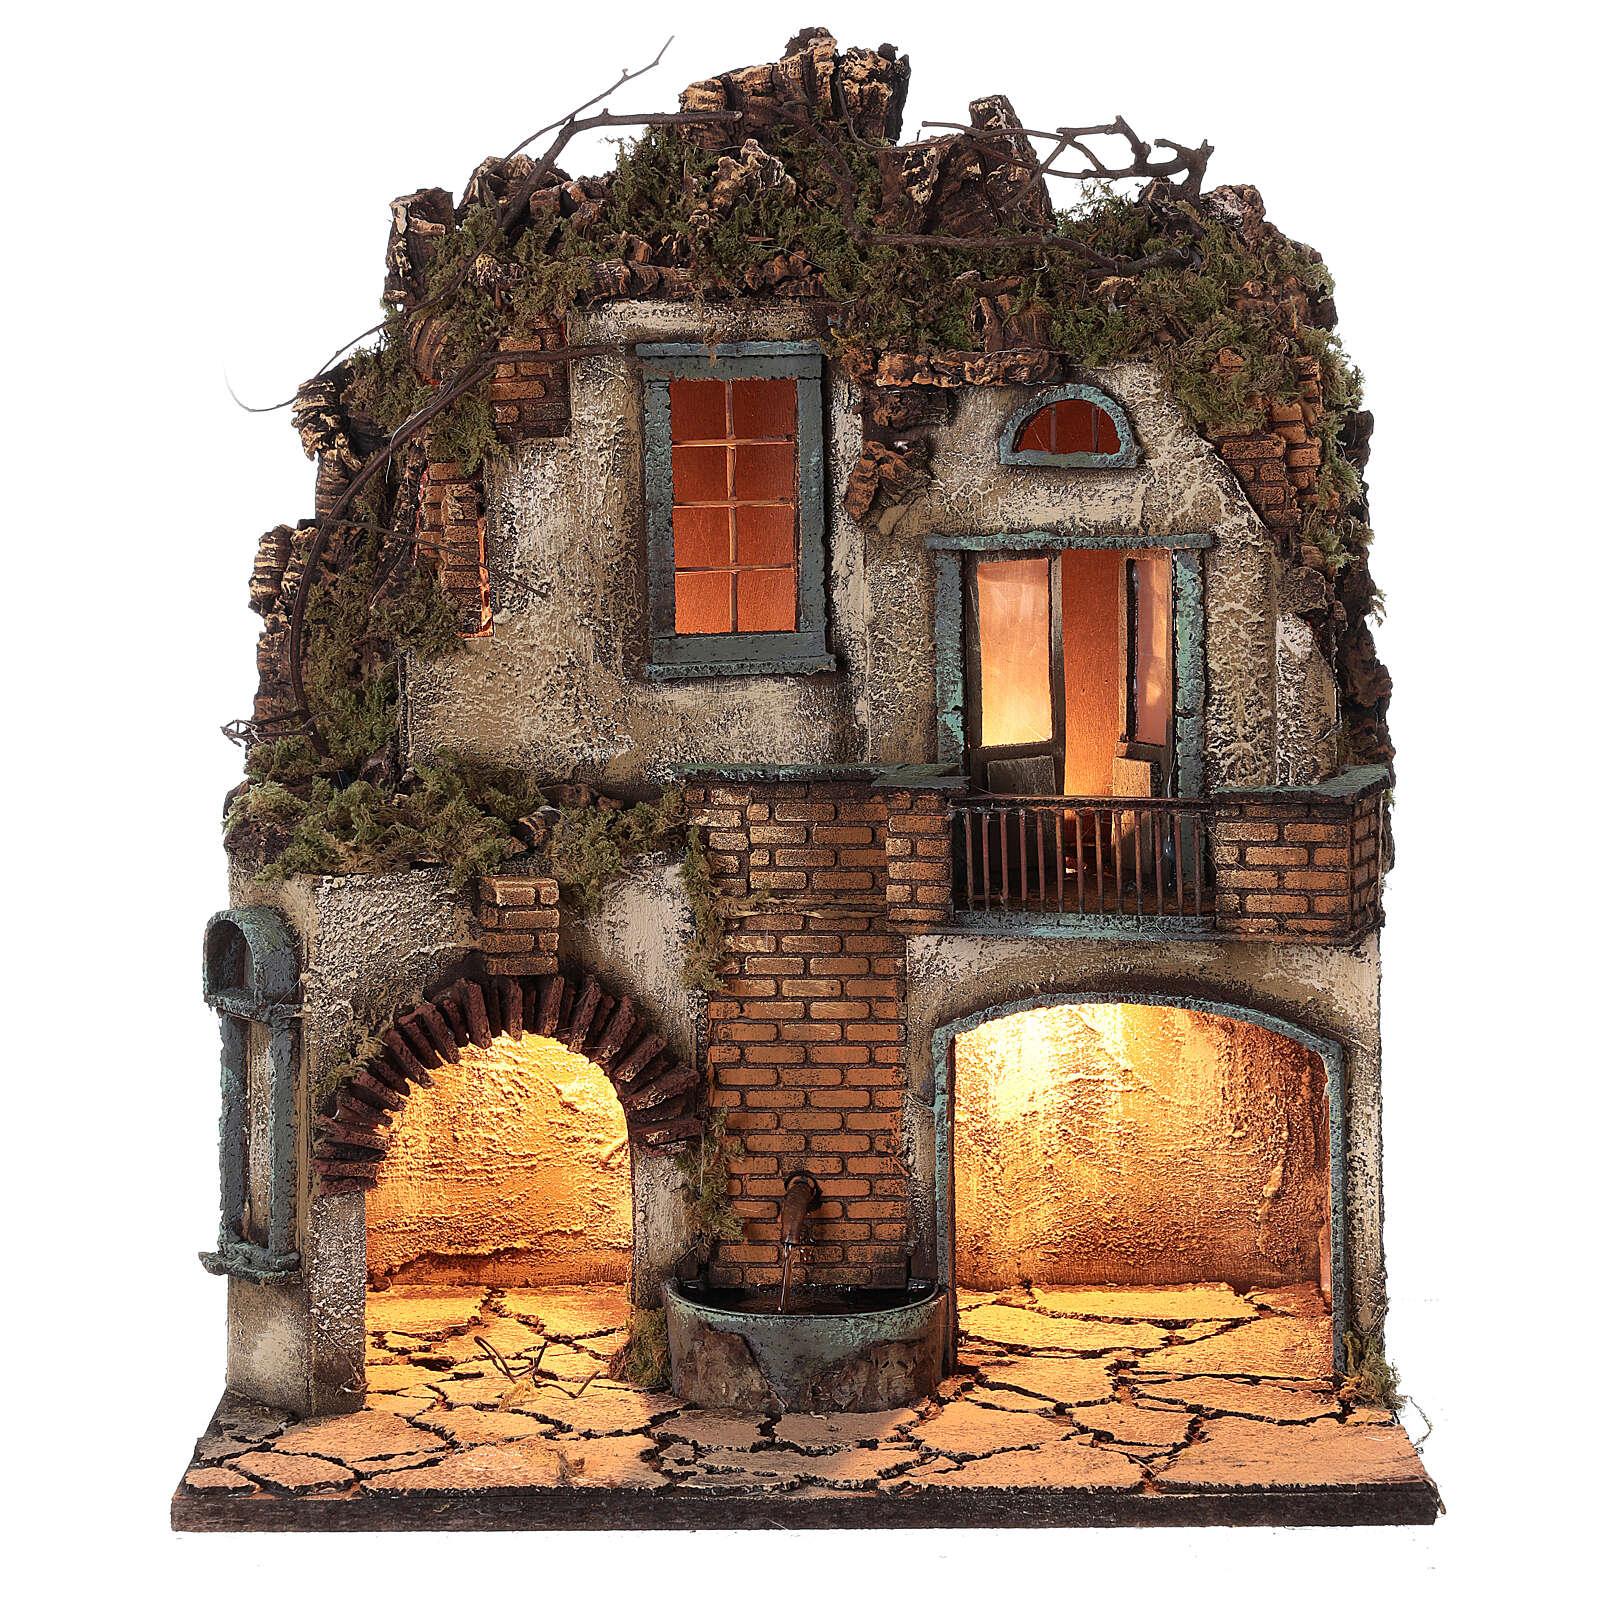 Ambientazione presepe napoletano terrazzo fontana 50x40x30 presepe 8-10 cm 4